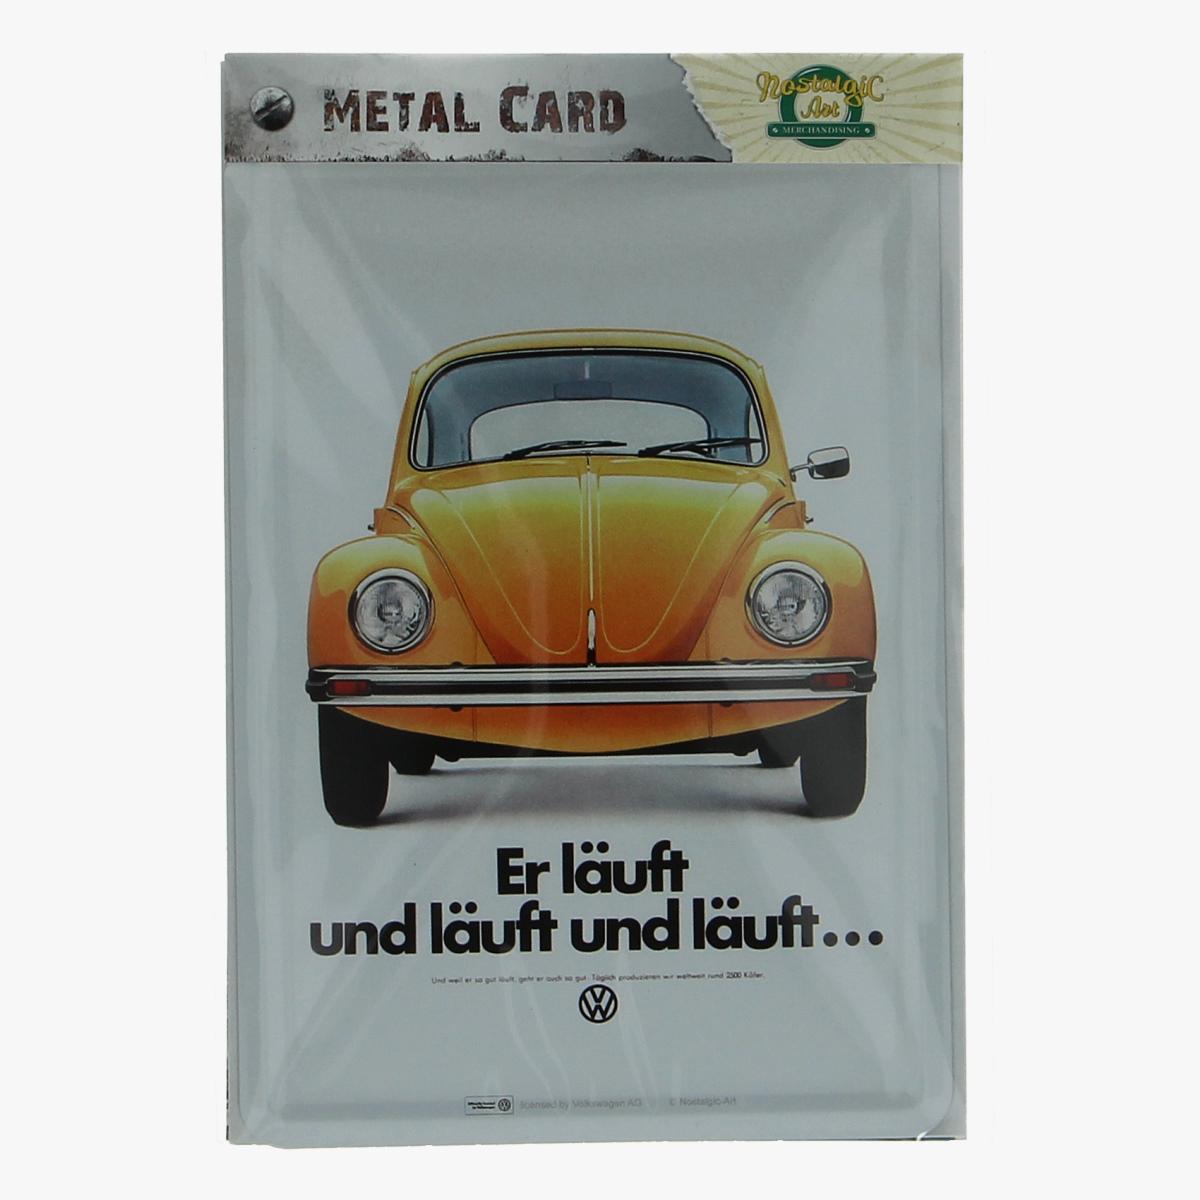 Afbeeldingen van metal card er läuft und läuft und läuft volkswagen